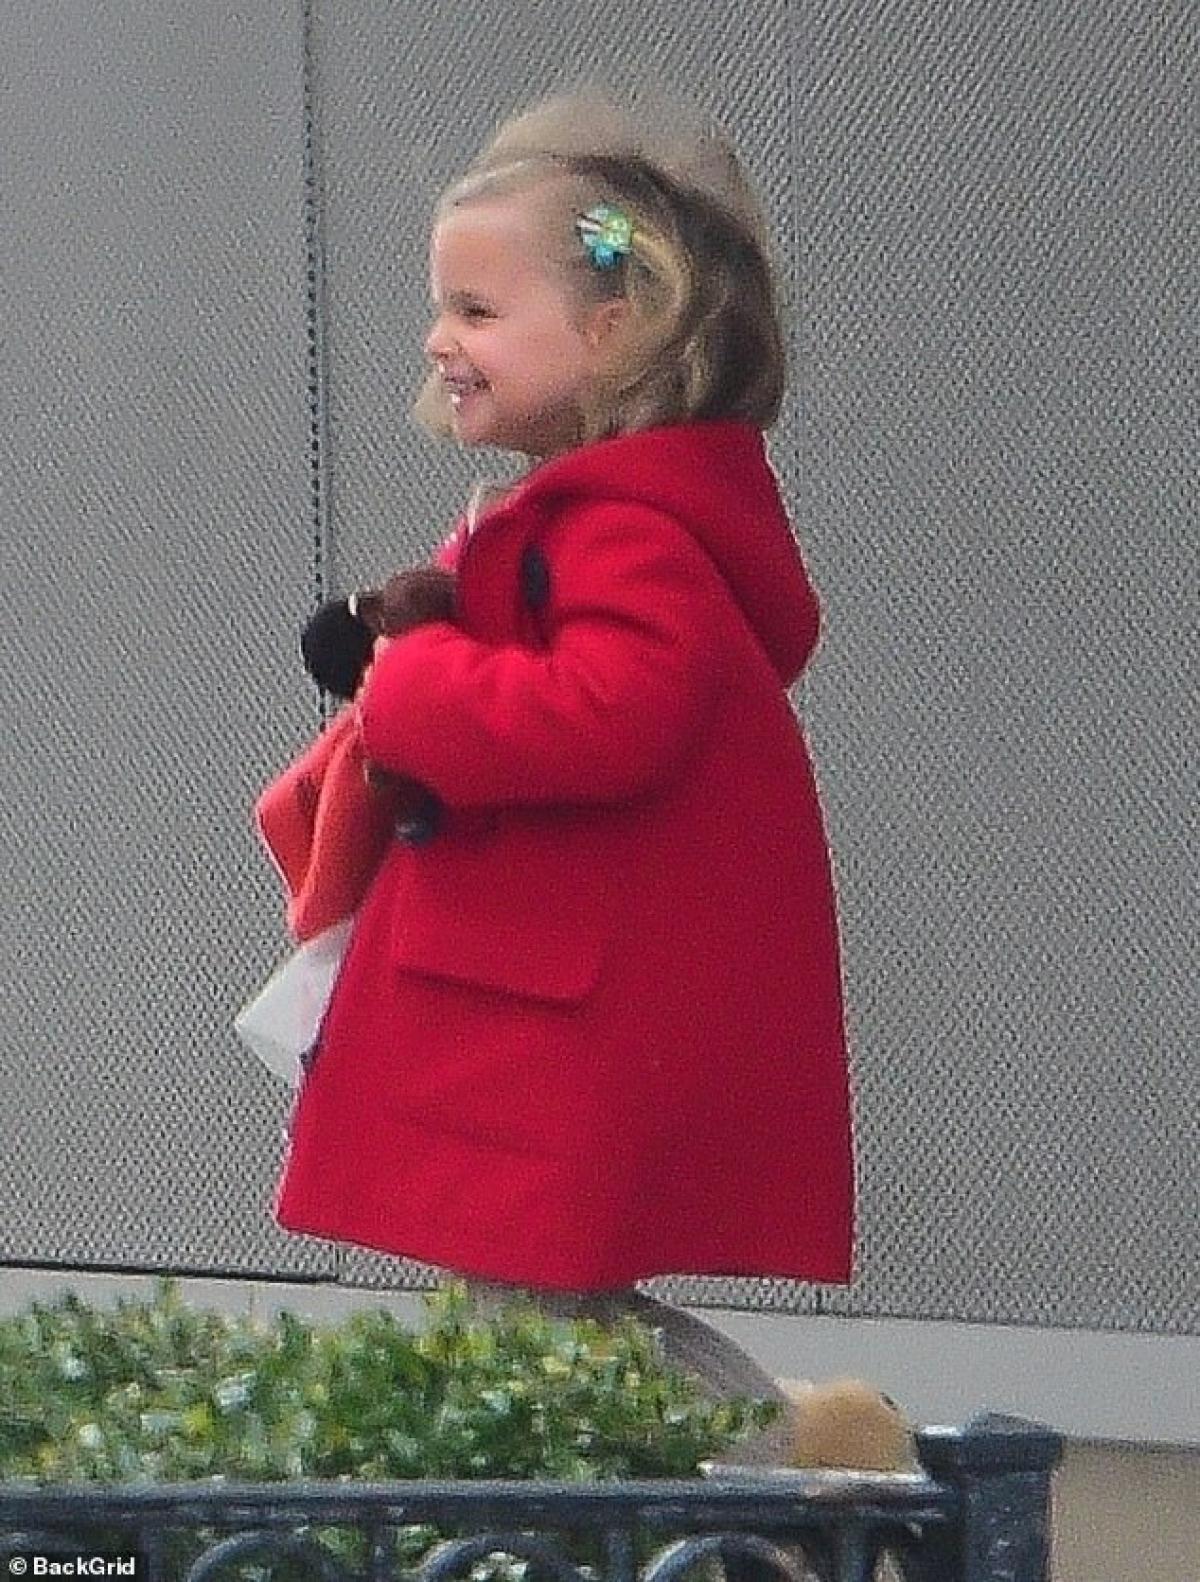 Cô bé xinh xắn với mái tóc cài nơ hoa, áo khoác đỏ vừa vặn.